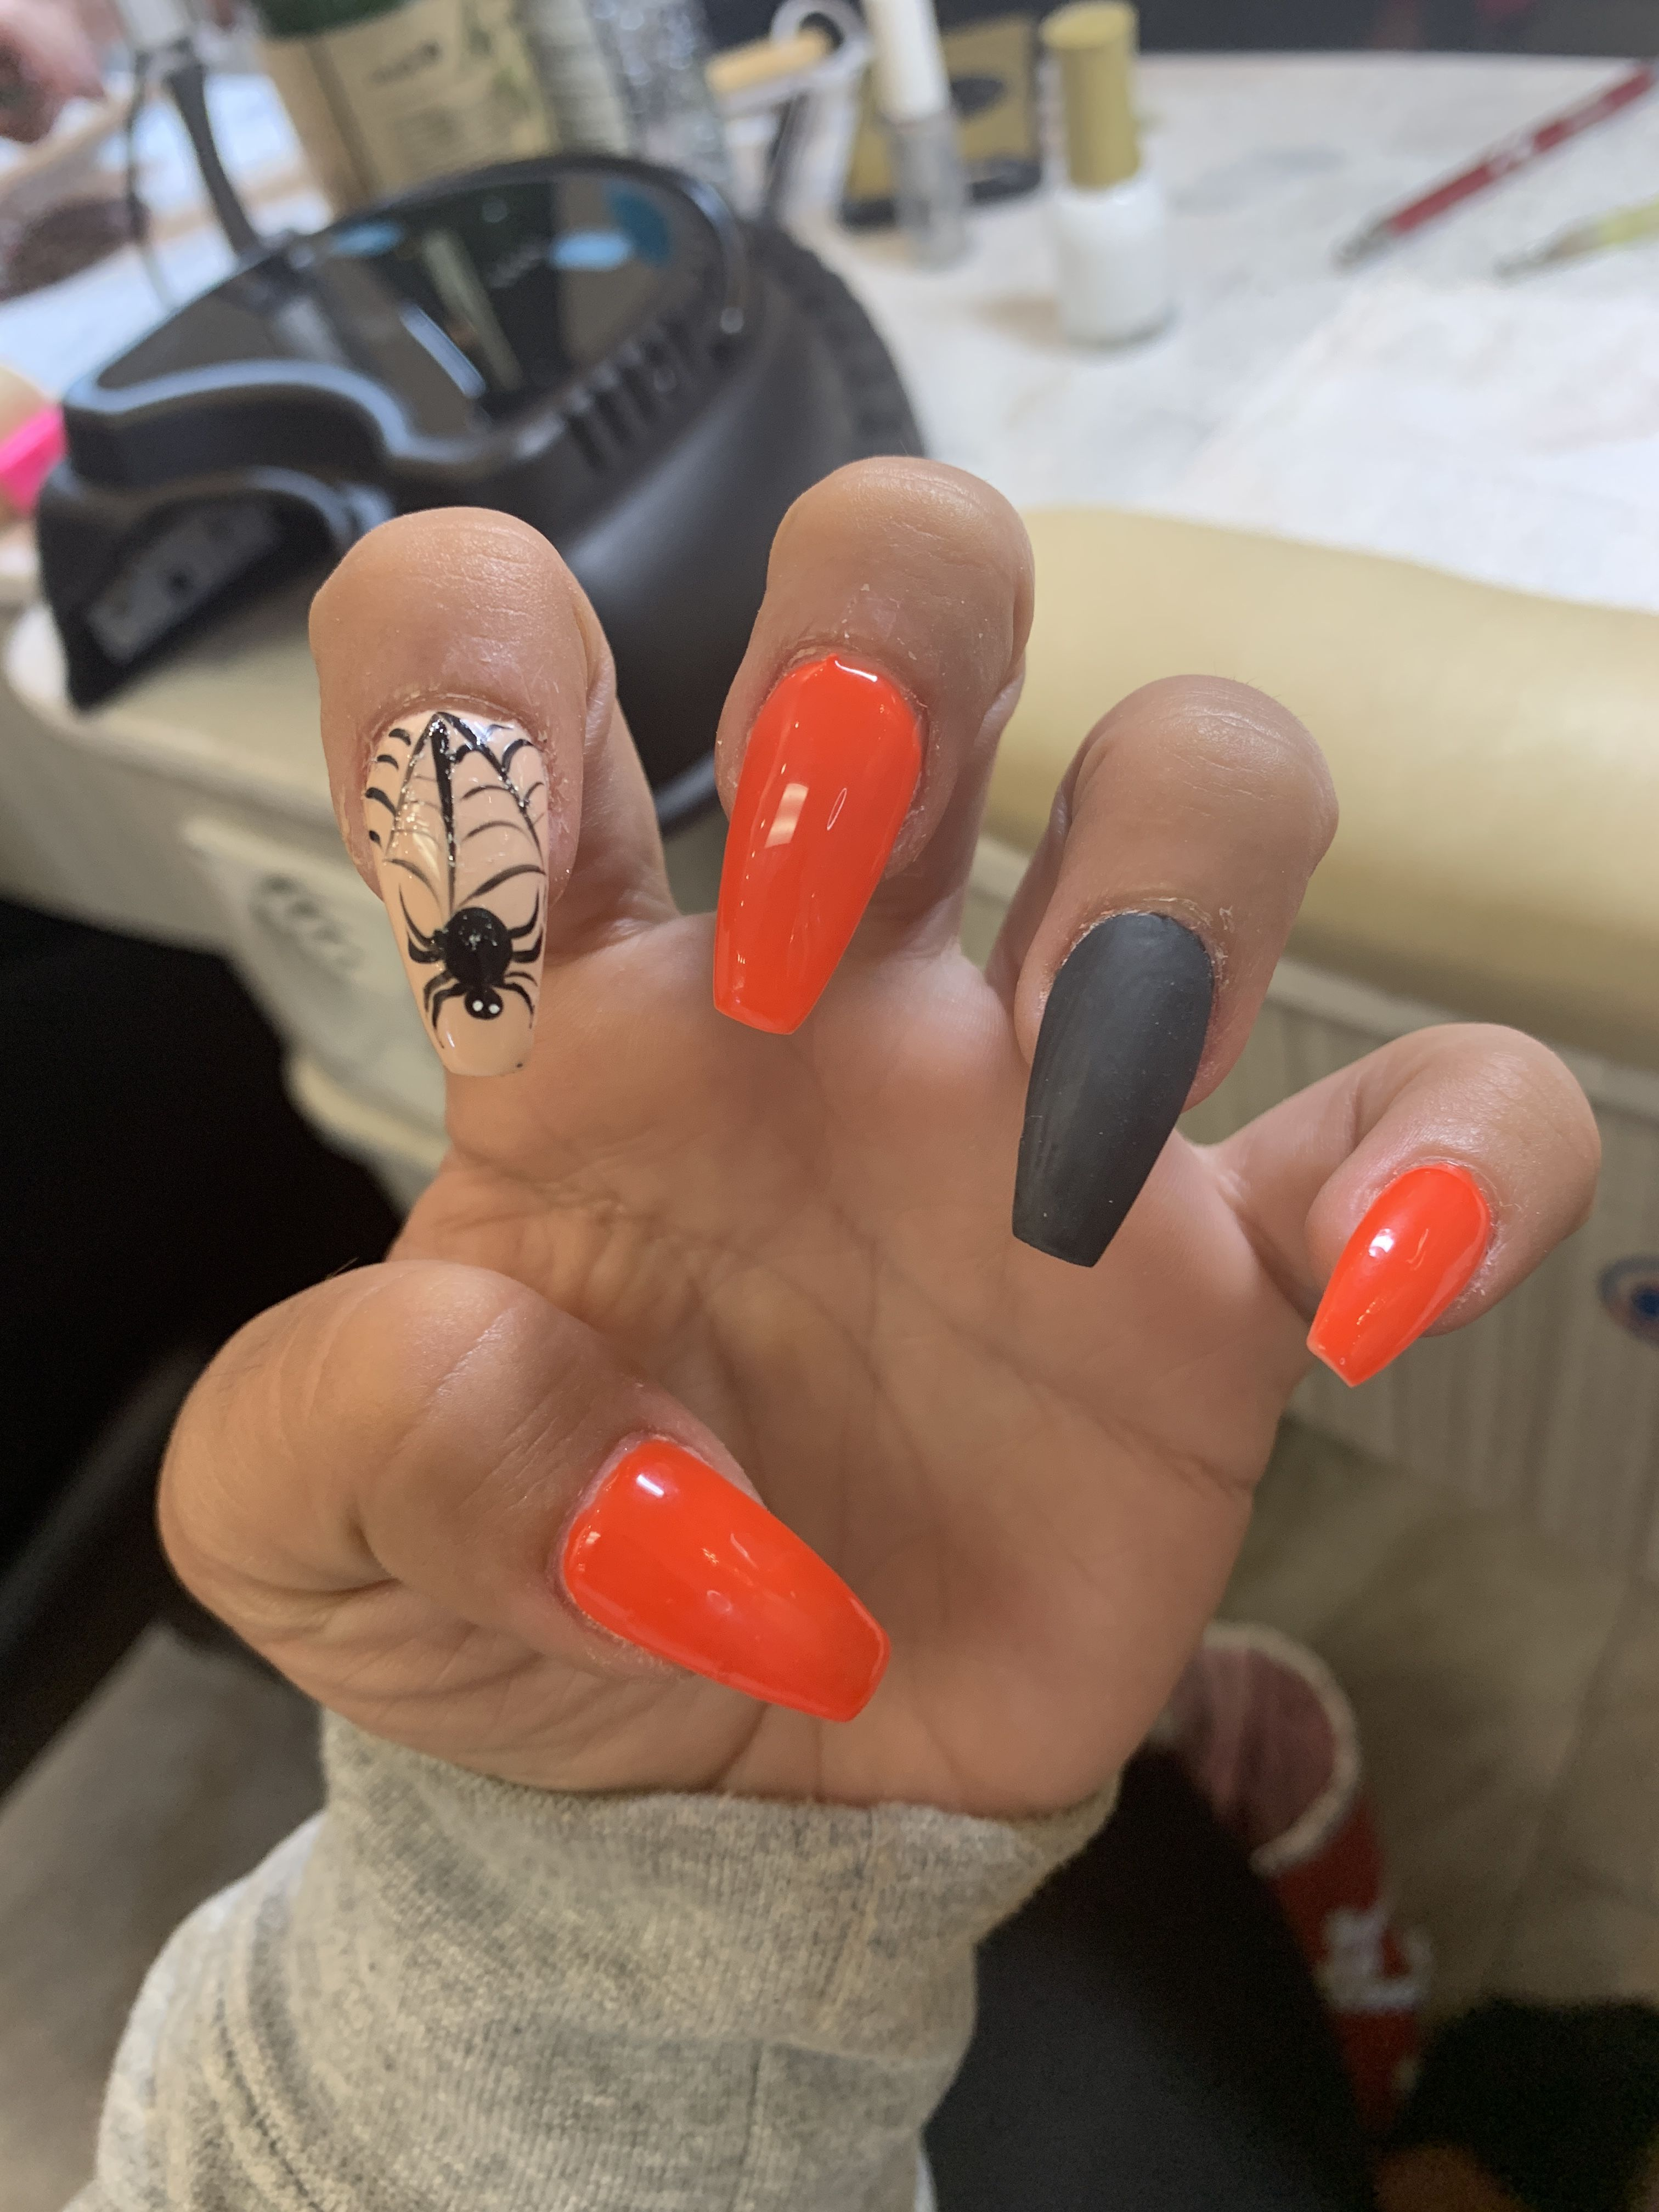 Stiletto Nails Orange And Black Nail Polish Yellow Orange White Ombre Rhinestones Halloween Nails In 2020 Halloween Nail Art Halloween Nails Thanksgiving Nails